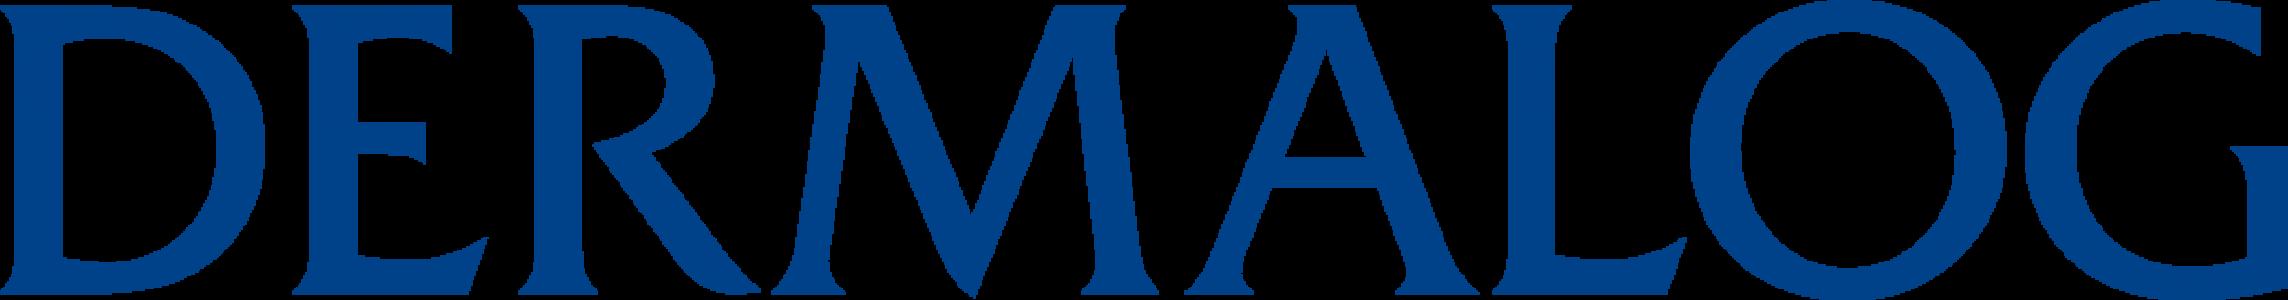 DERMALOG Logo Plain Blue